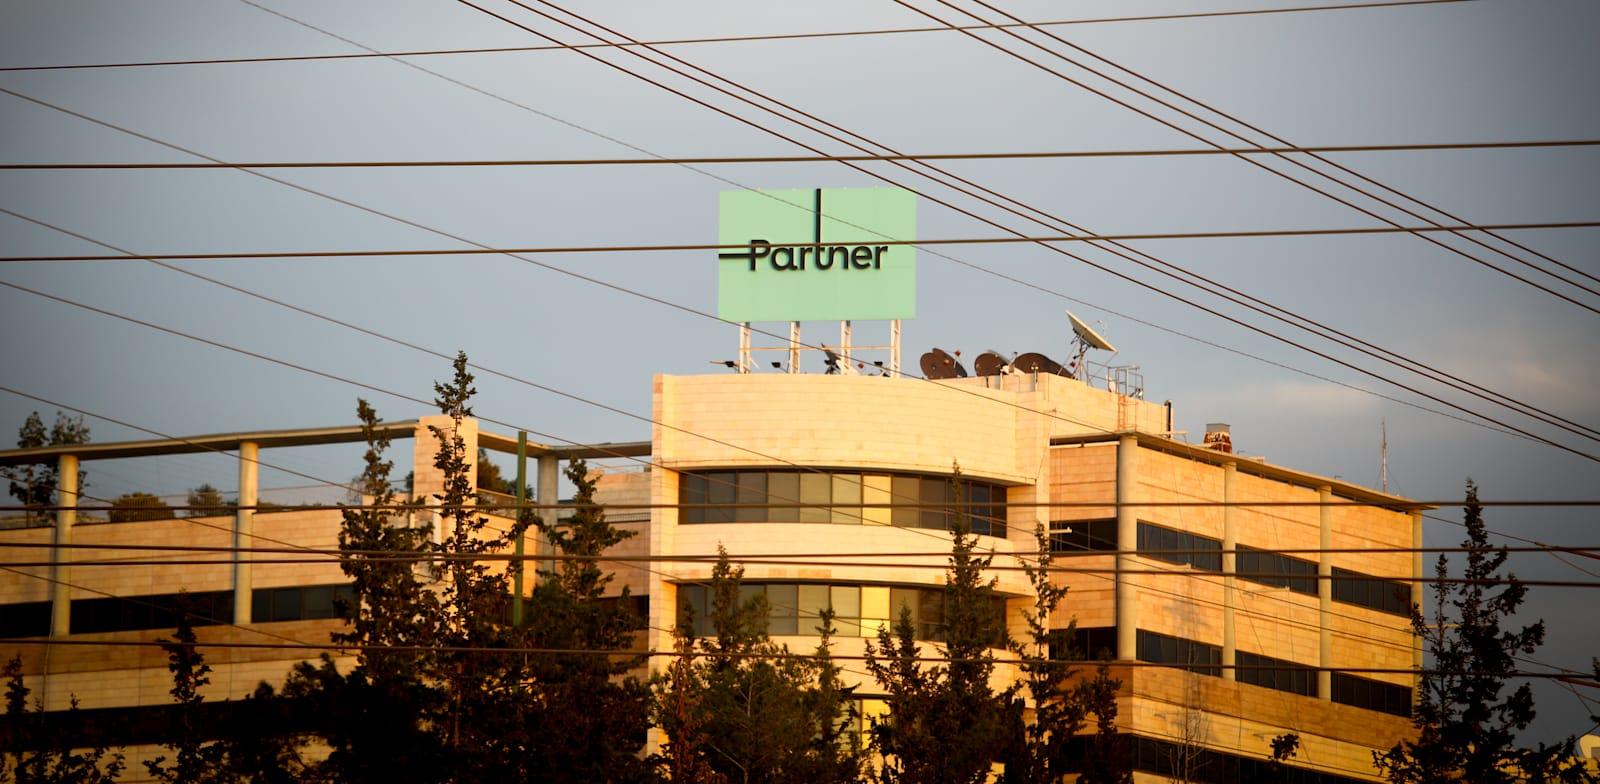 בניין פרטנר בראש העין / צילום: שלומי יוסף